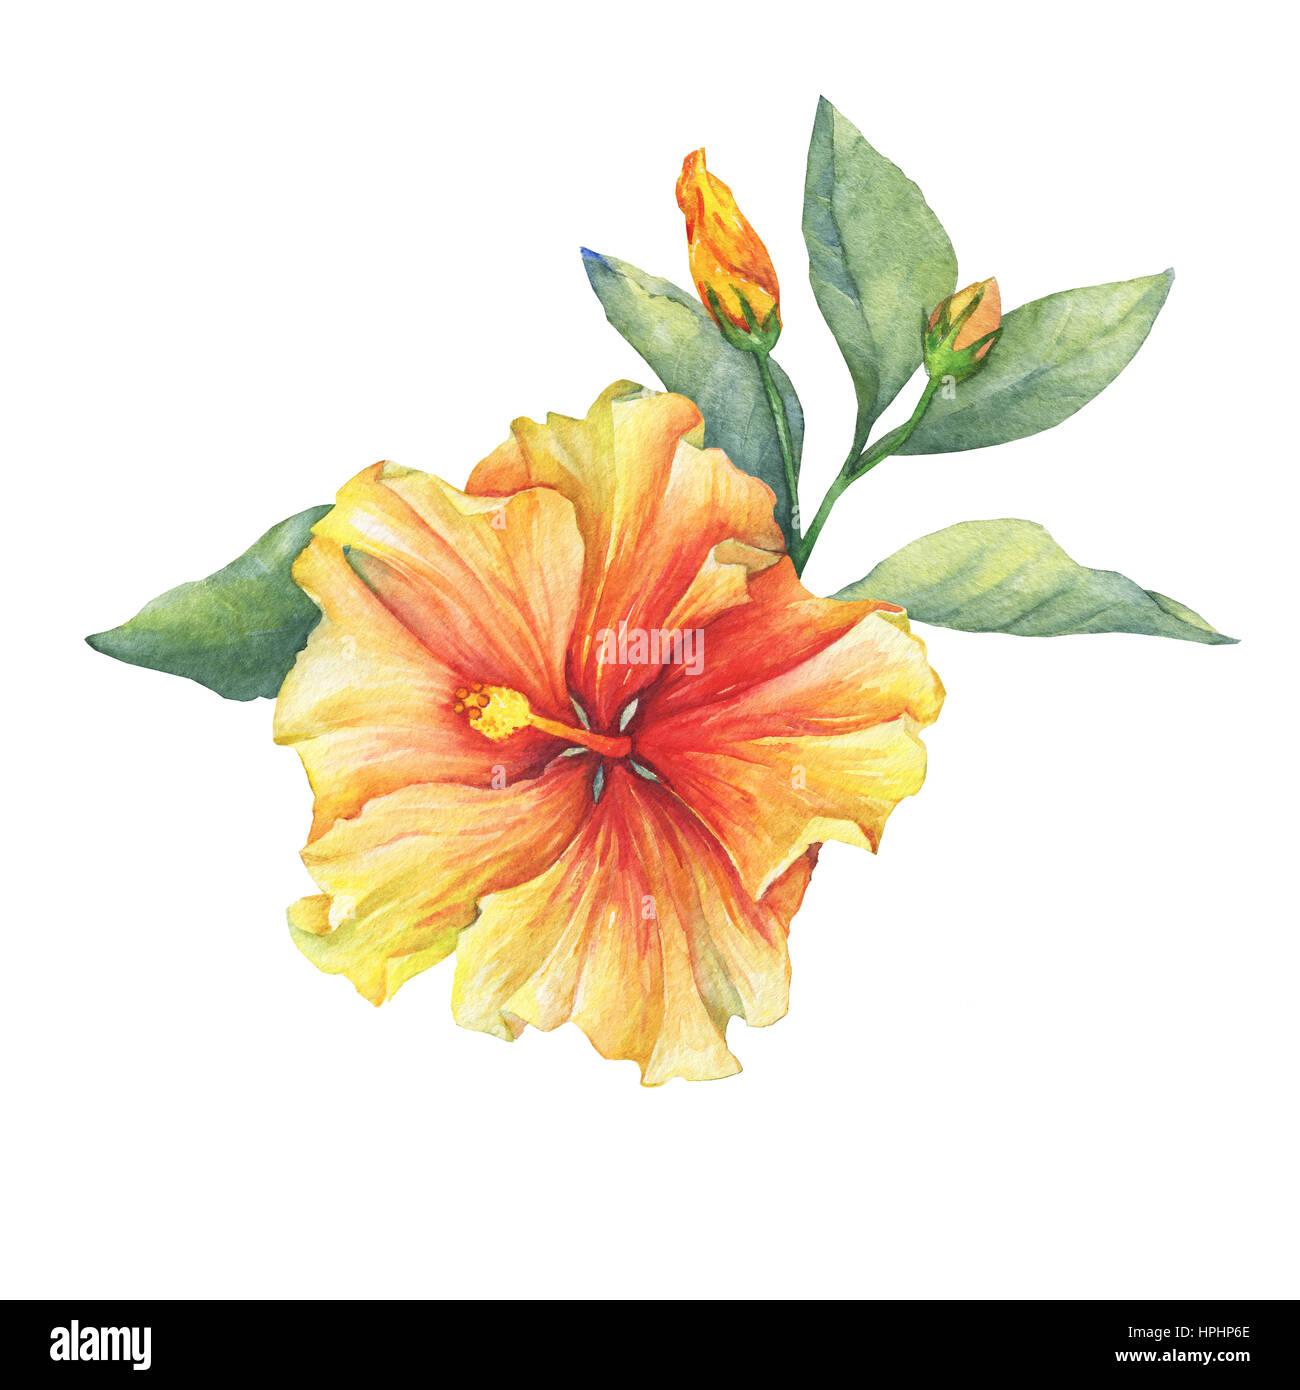 Yellow red hibiscus flower hand drawn watercolor painting on white yellow red hibiscus flower hand drawn watercolor painting on white background izmirmasajfo